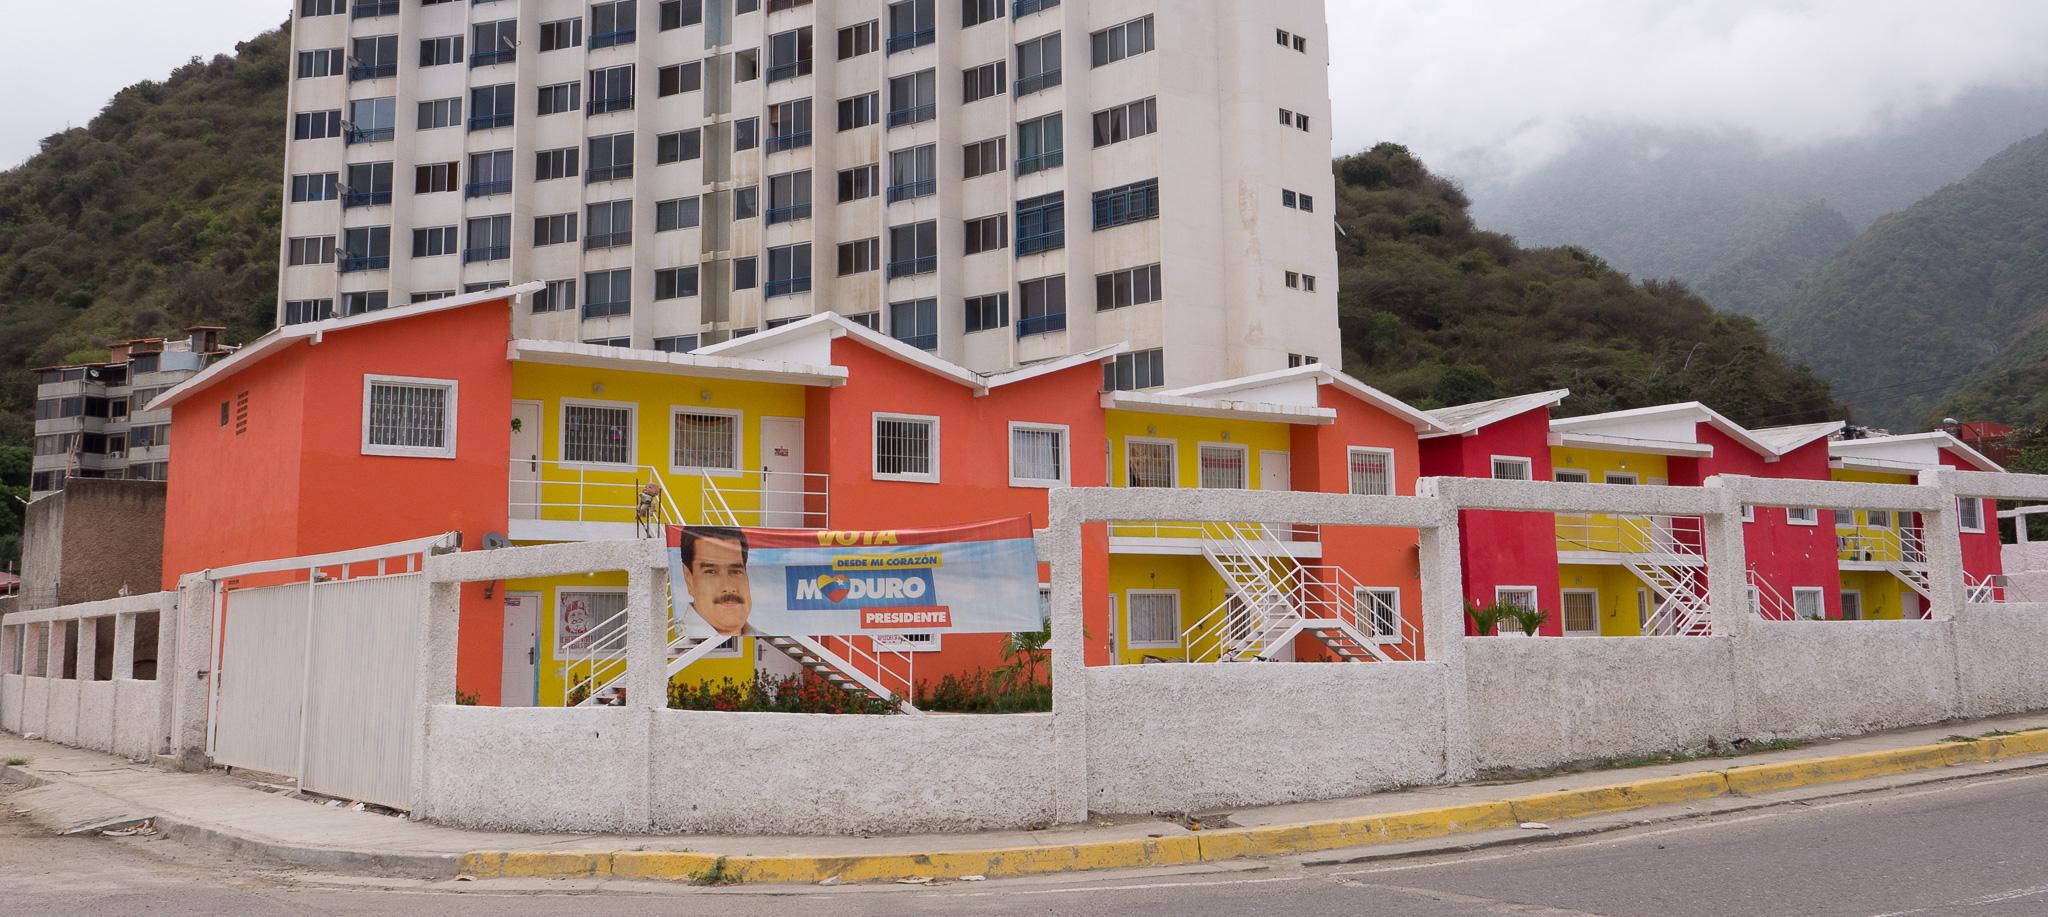 08-Venezuela-0684-P-1304.jpg